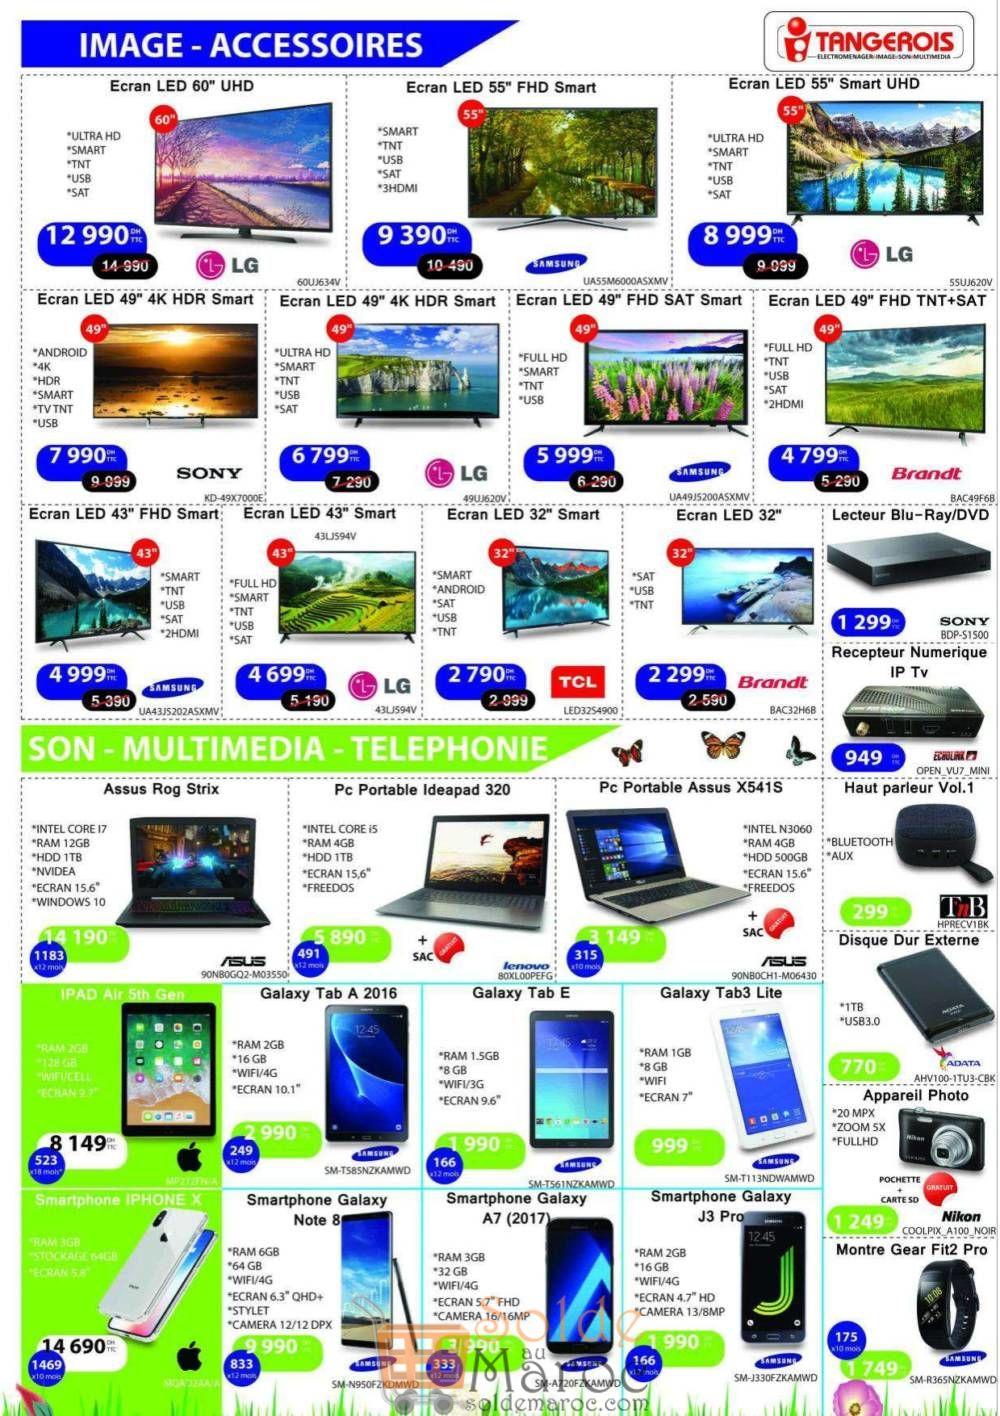 Catalogue Tangerois Electro Jusqu'au 22 Avril 2018